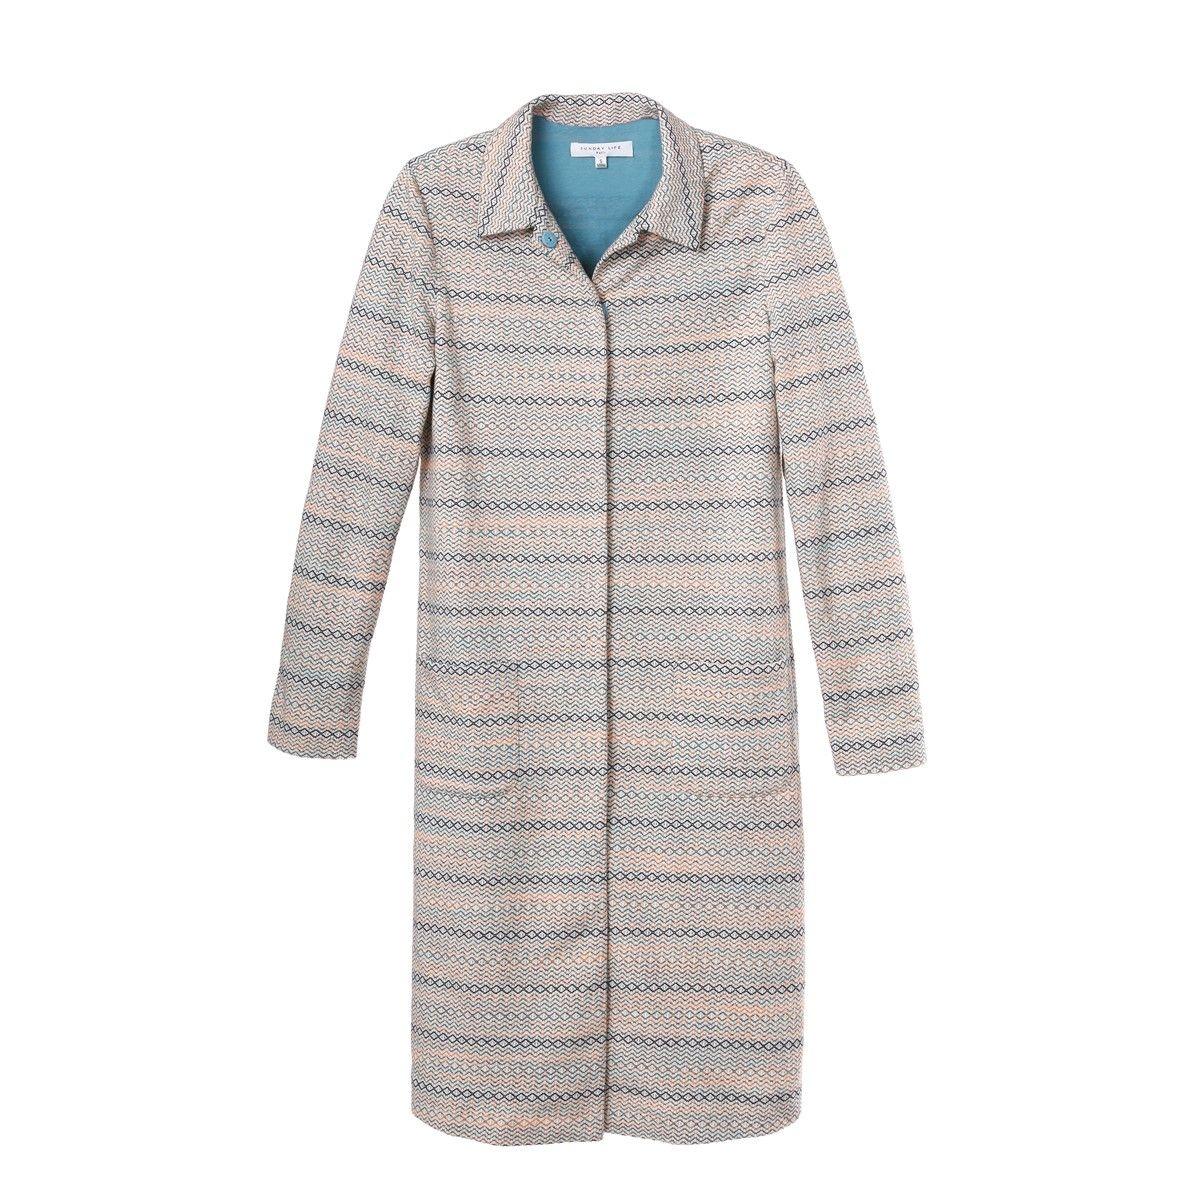 Veste à rayure façon robe en maille de coton entre saison facile à porter